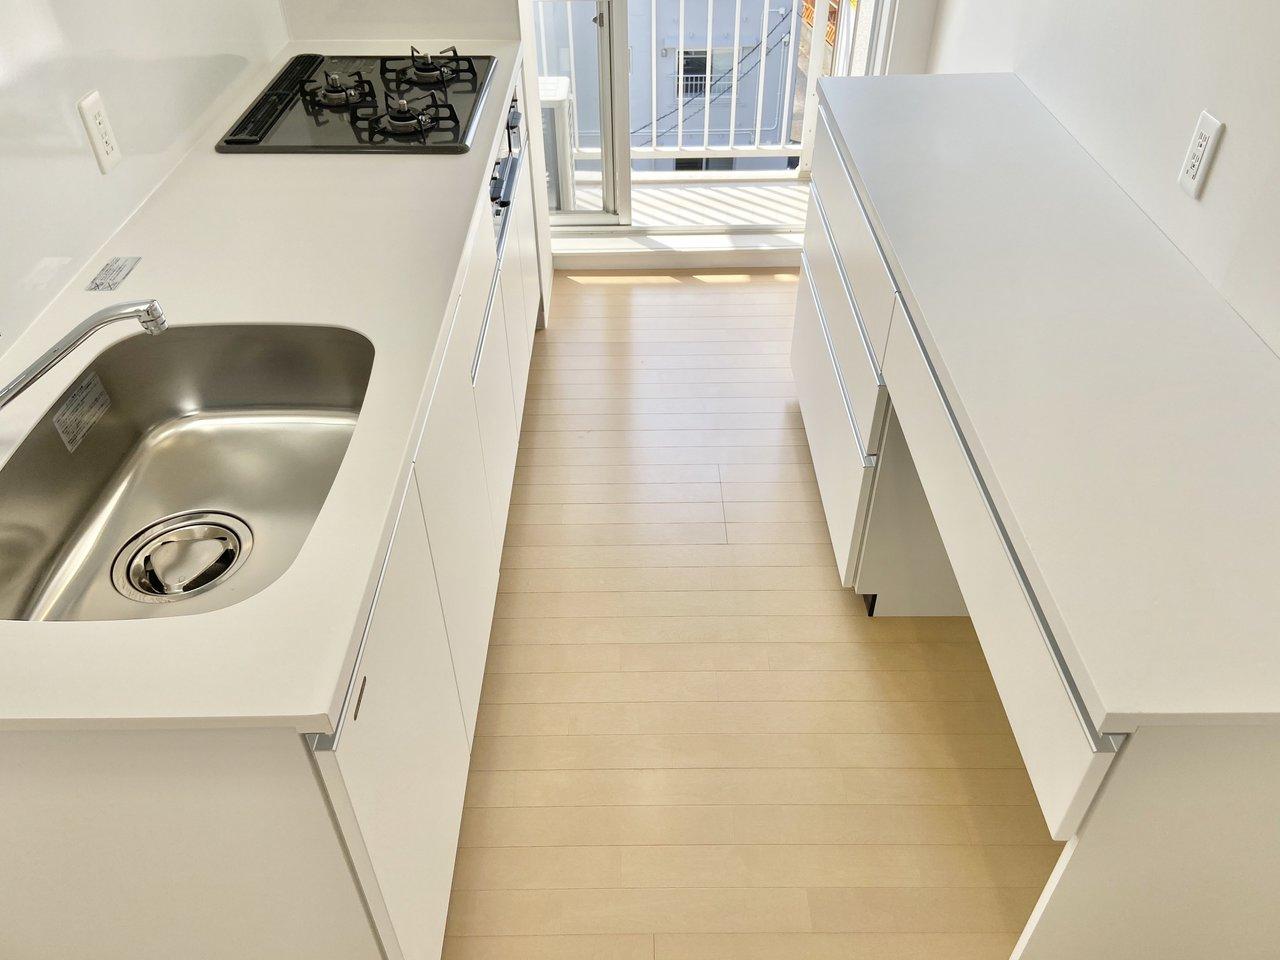 キッチンは幅もあって広め。背面には作業スペースがついていました。オーブンレンジなどのキッチン家電はこちらへ。